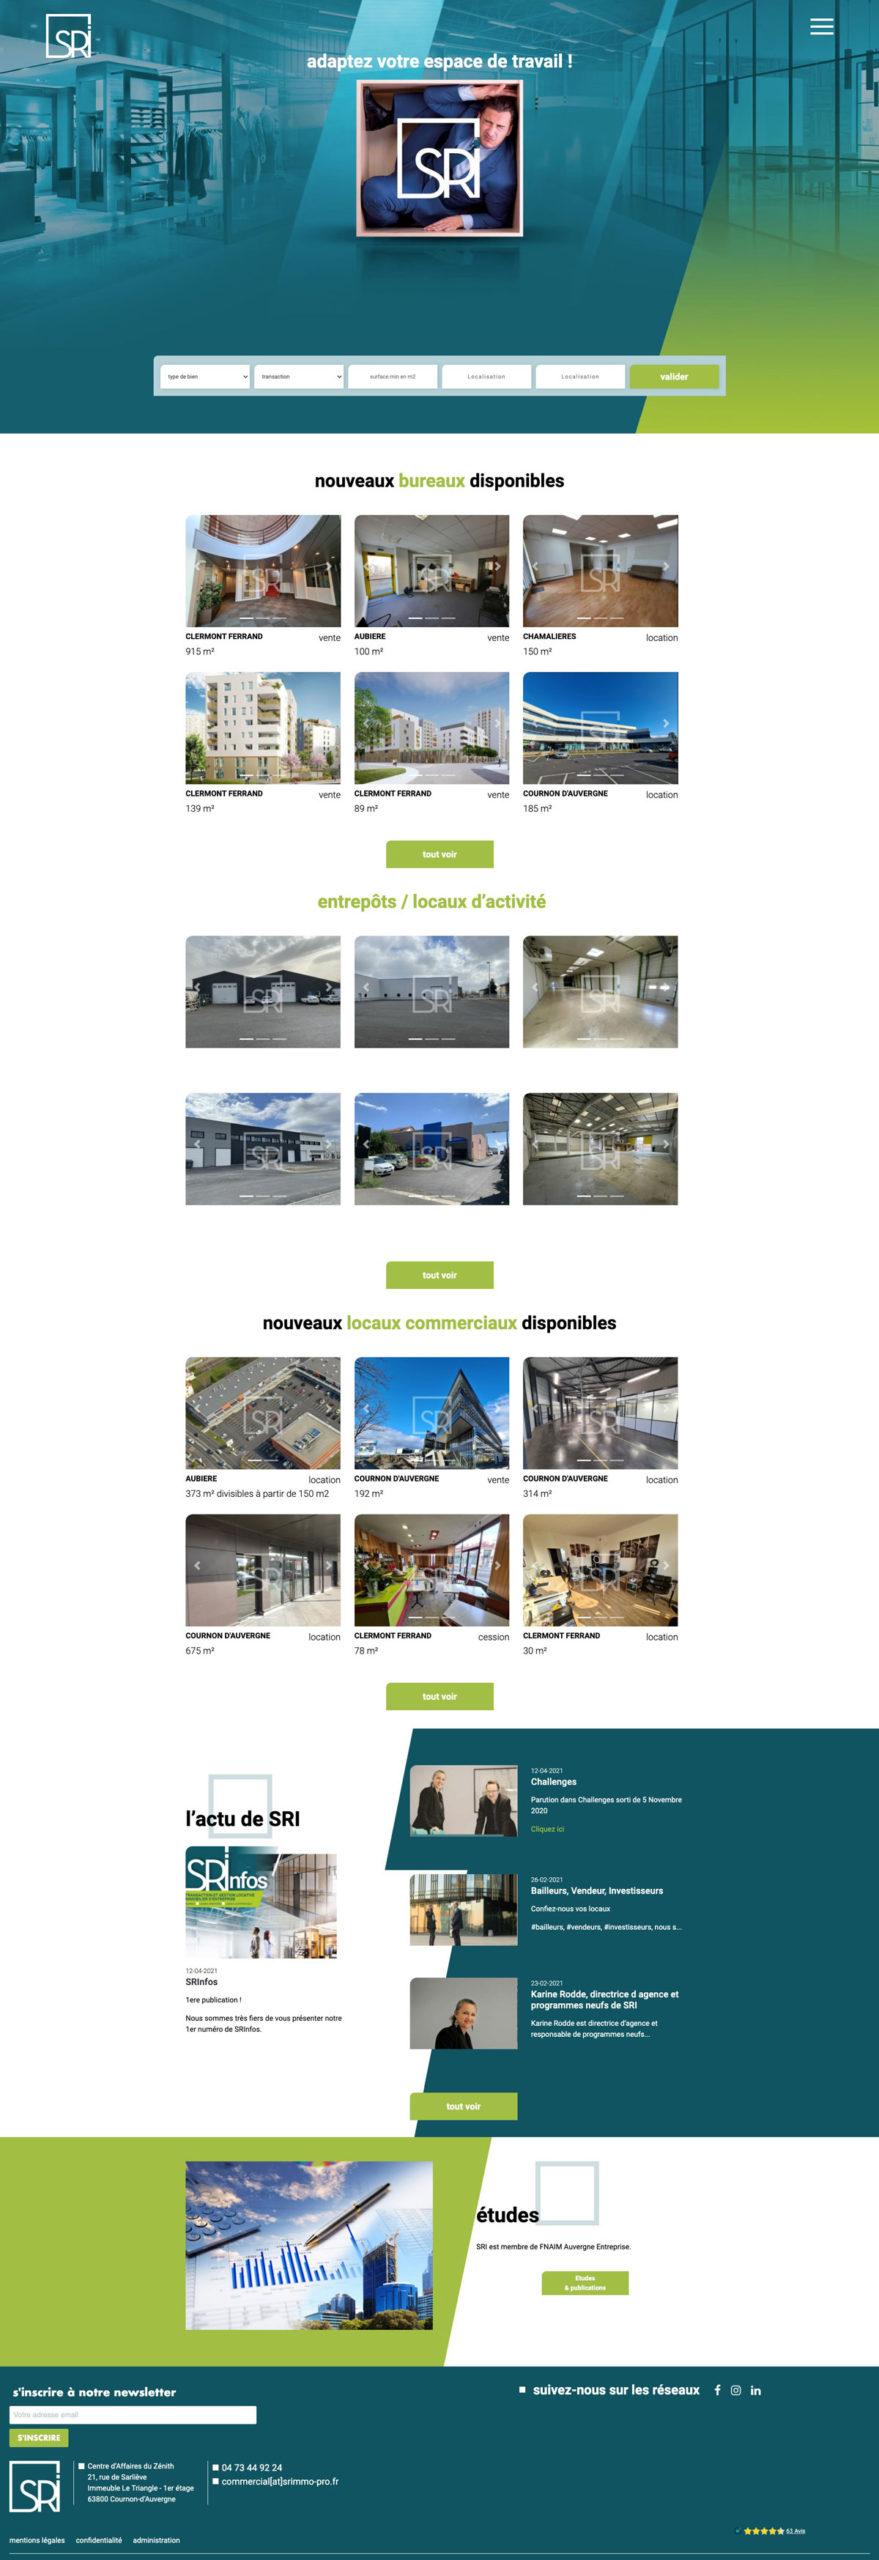 Vice Versa Maquette complète de la page d'accueil du site SRi